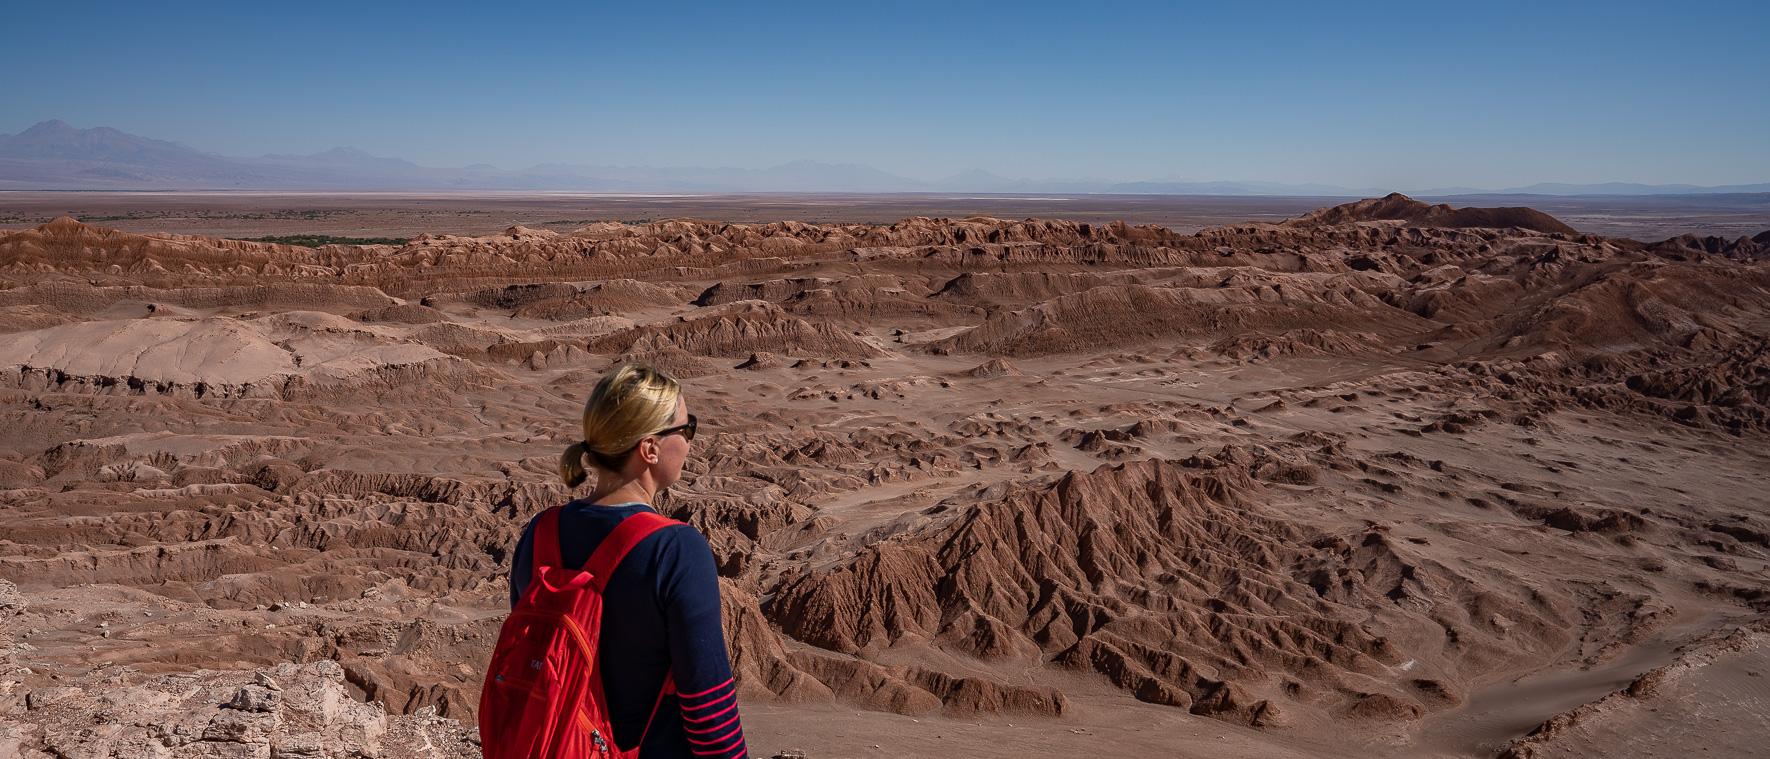 Atacama Wüste – Abenteuer in der trockensten Wüste der Welt